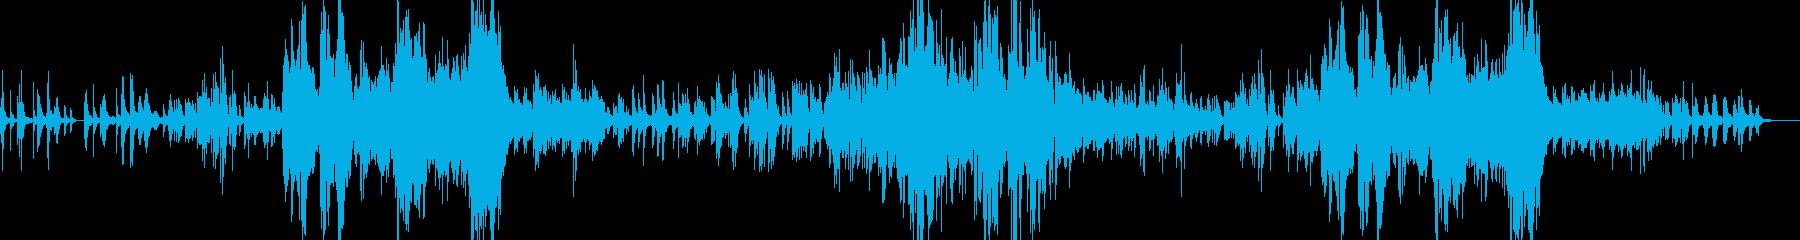 透明感のある音色が印象的なピアノ曲の再生済みの波形